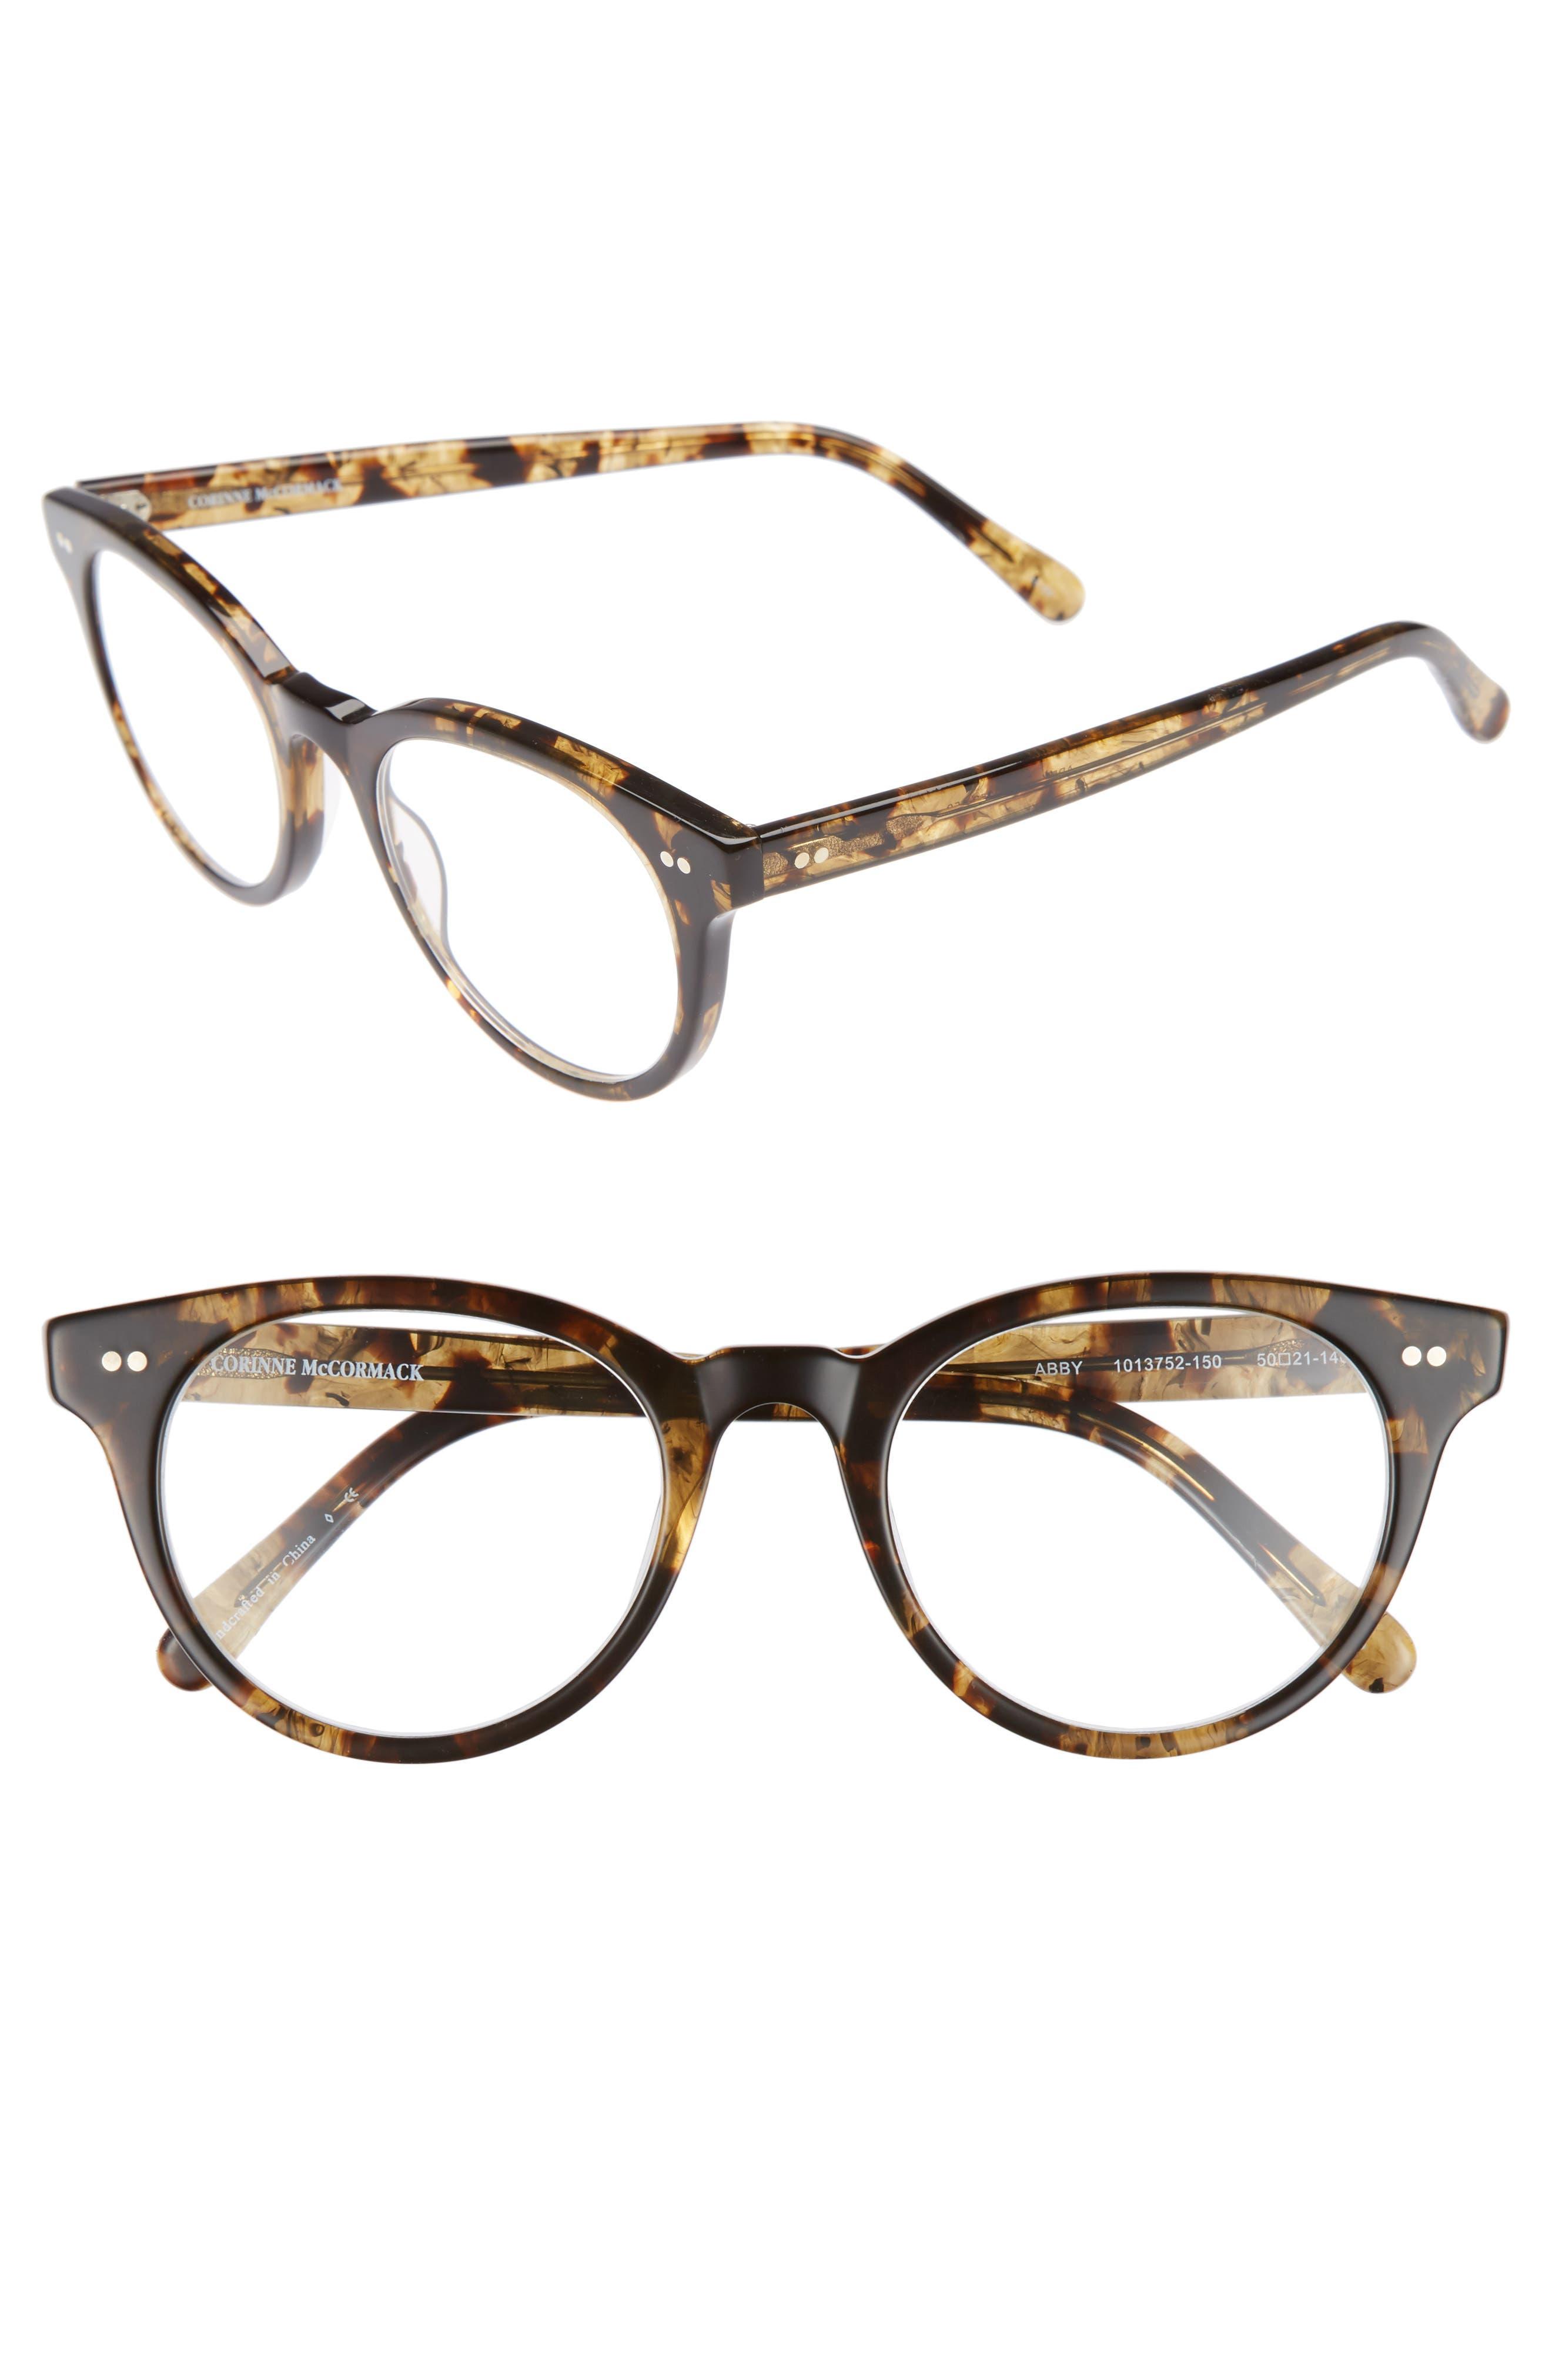 Abby 50mm Reading Glasses,                         Main,                         color, Dark Tortoise